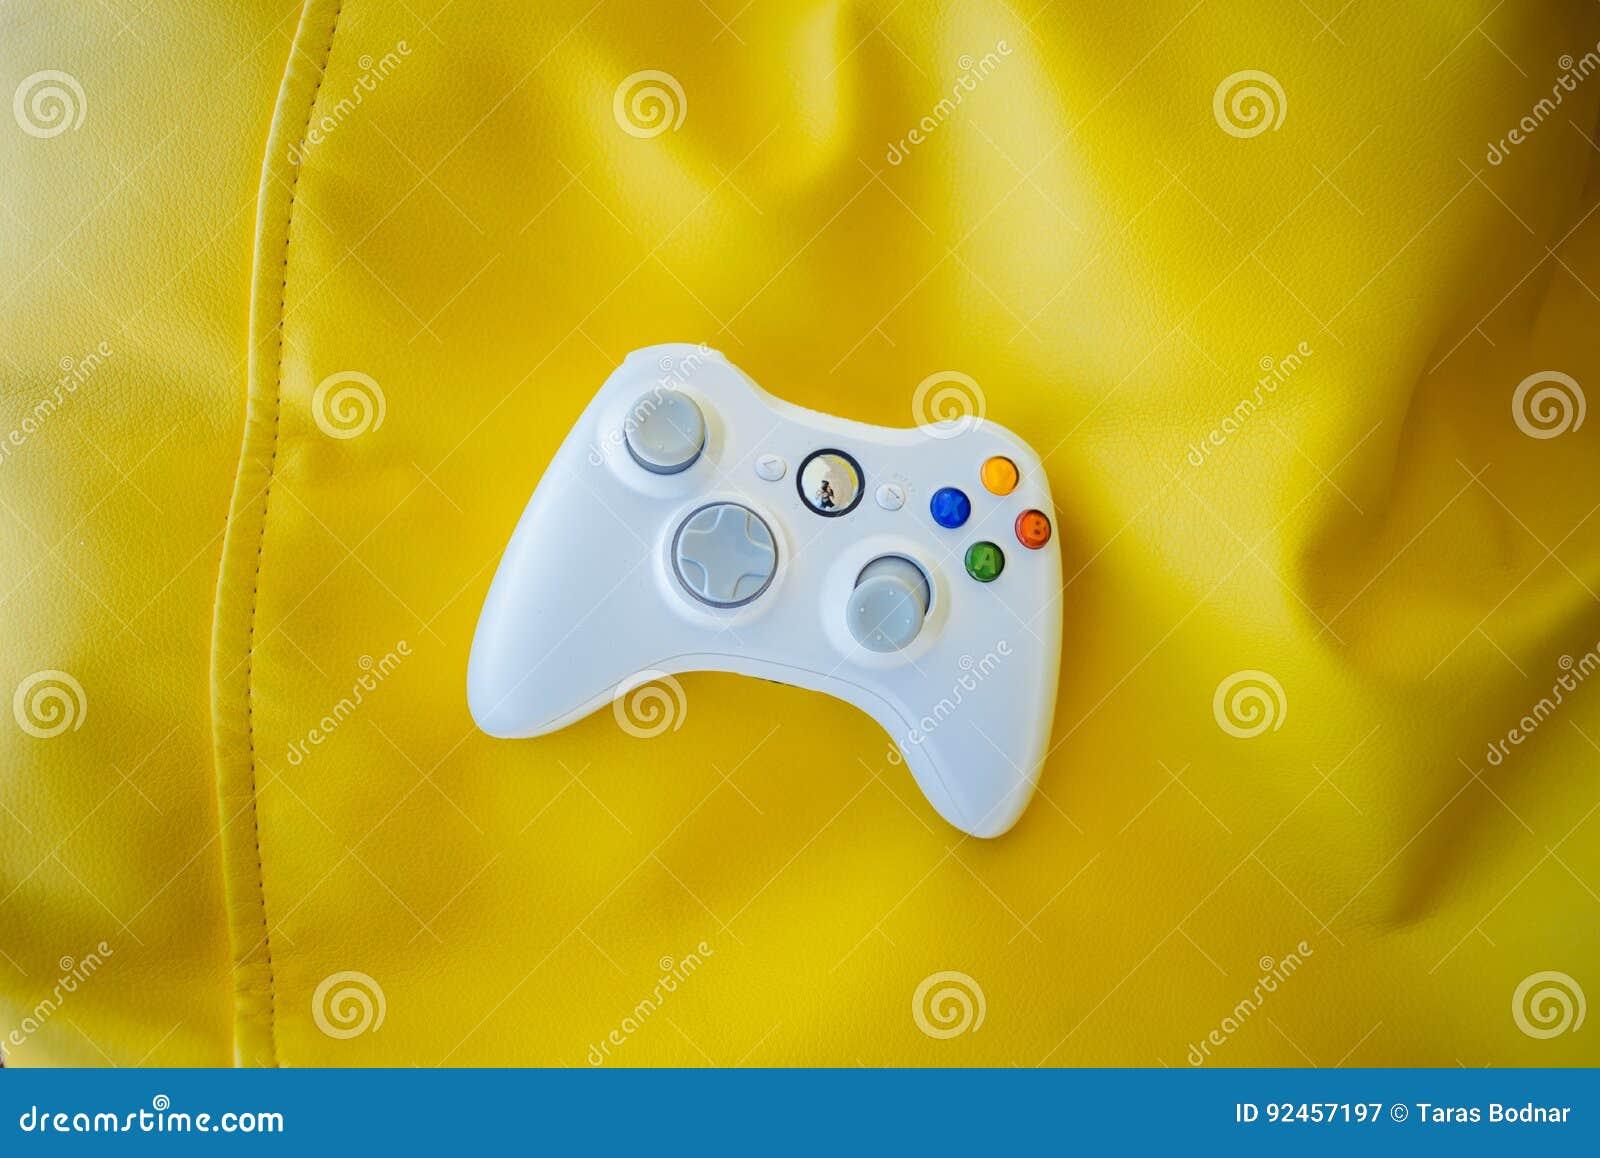 Белый кнюппель для консоли игры на яркой желтой предпосылке Gamepad на предпосылке желтых стульев сумки